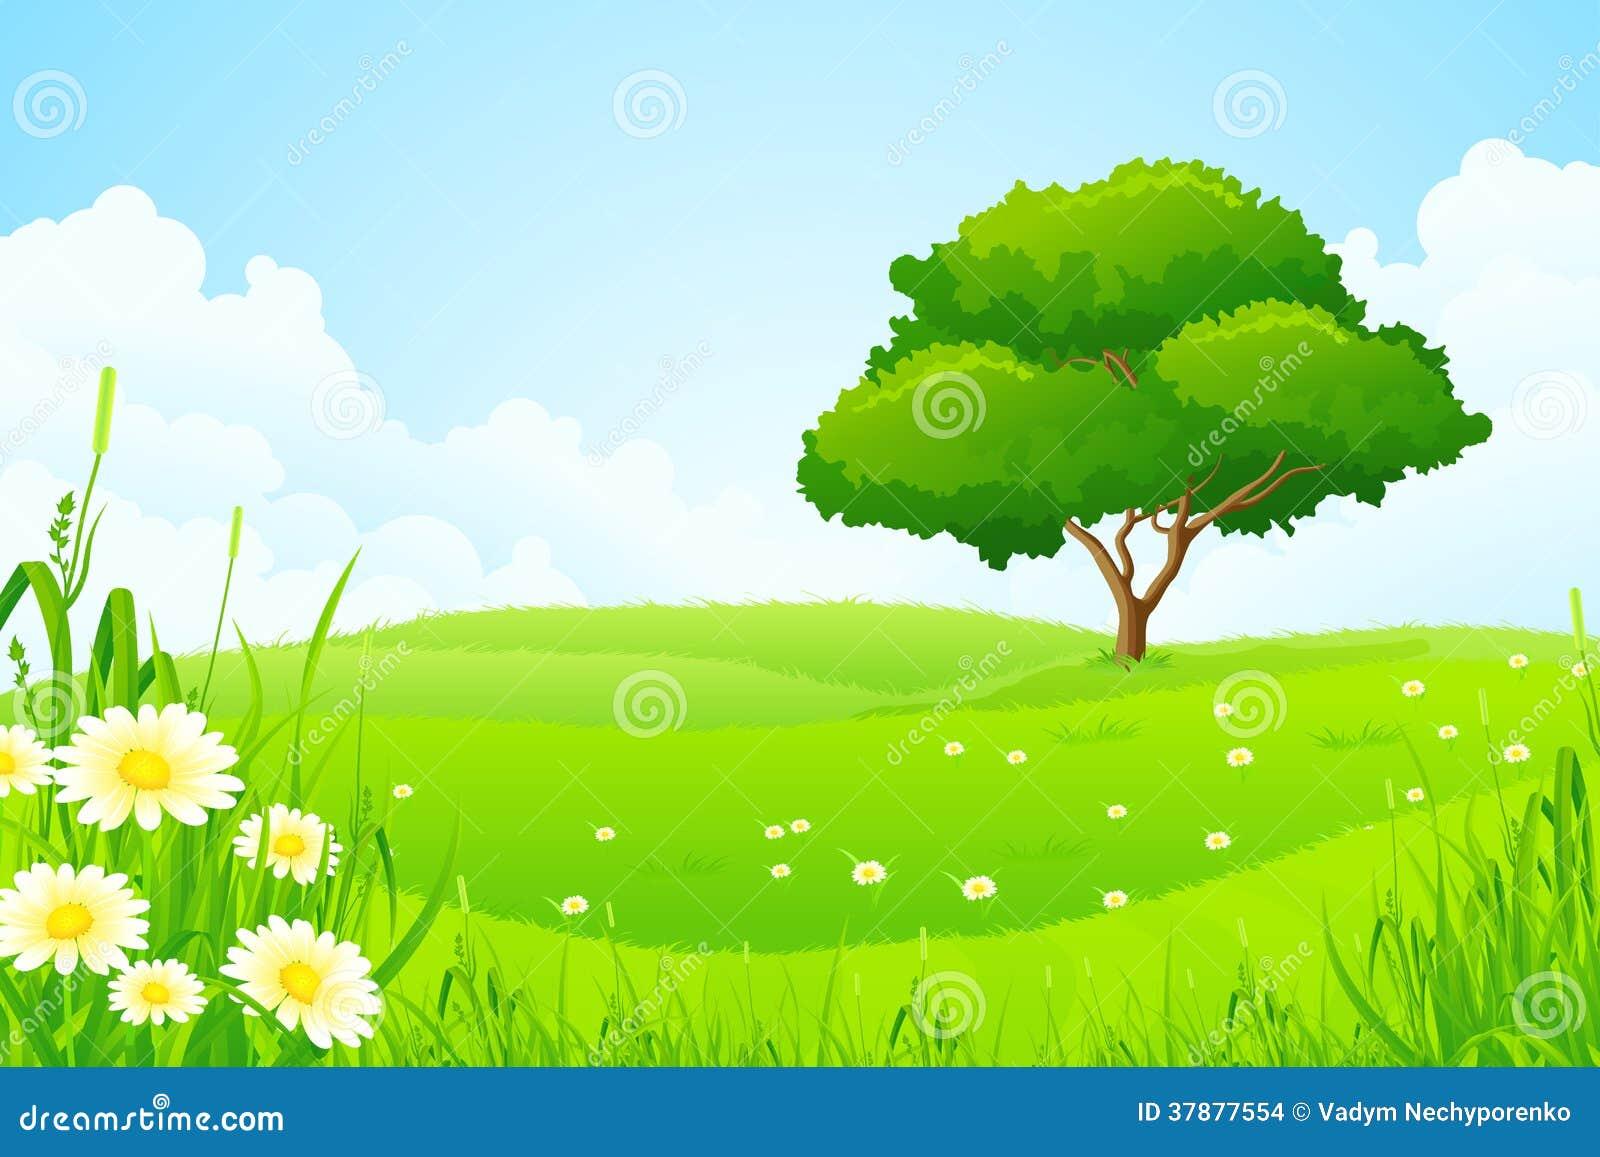 Groen Landschap met Boom